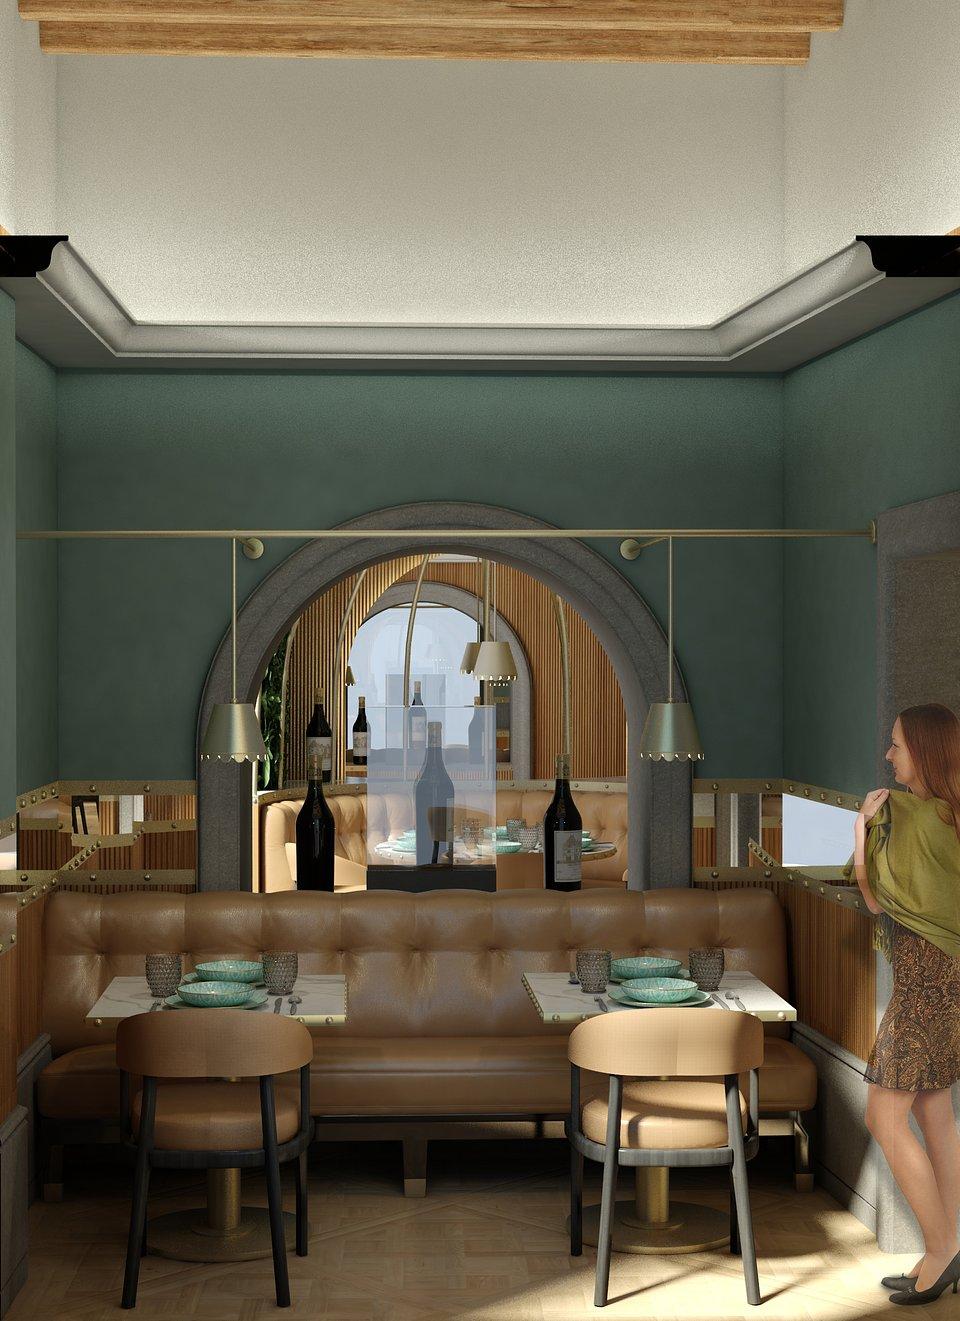 Common Area Il Tornabuoni Hotel by Andrea Auletta (36).jpeg